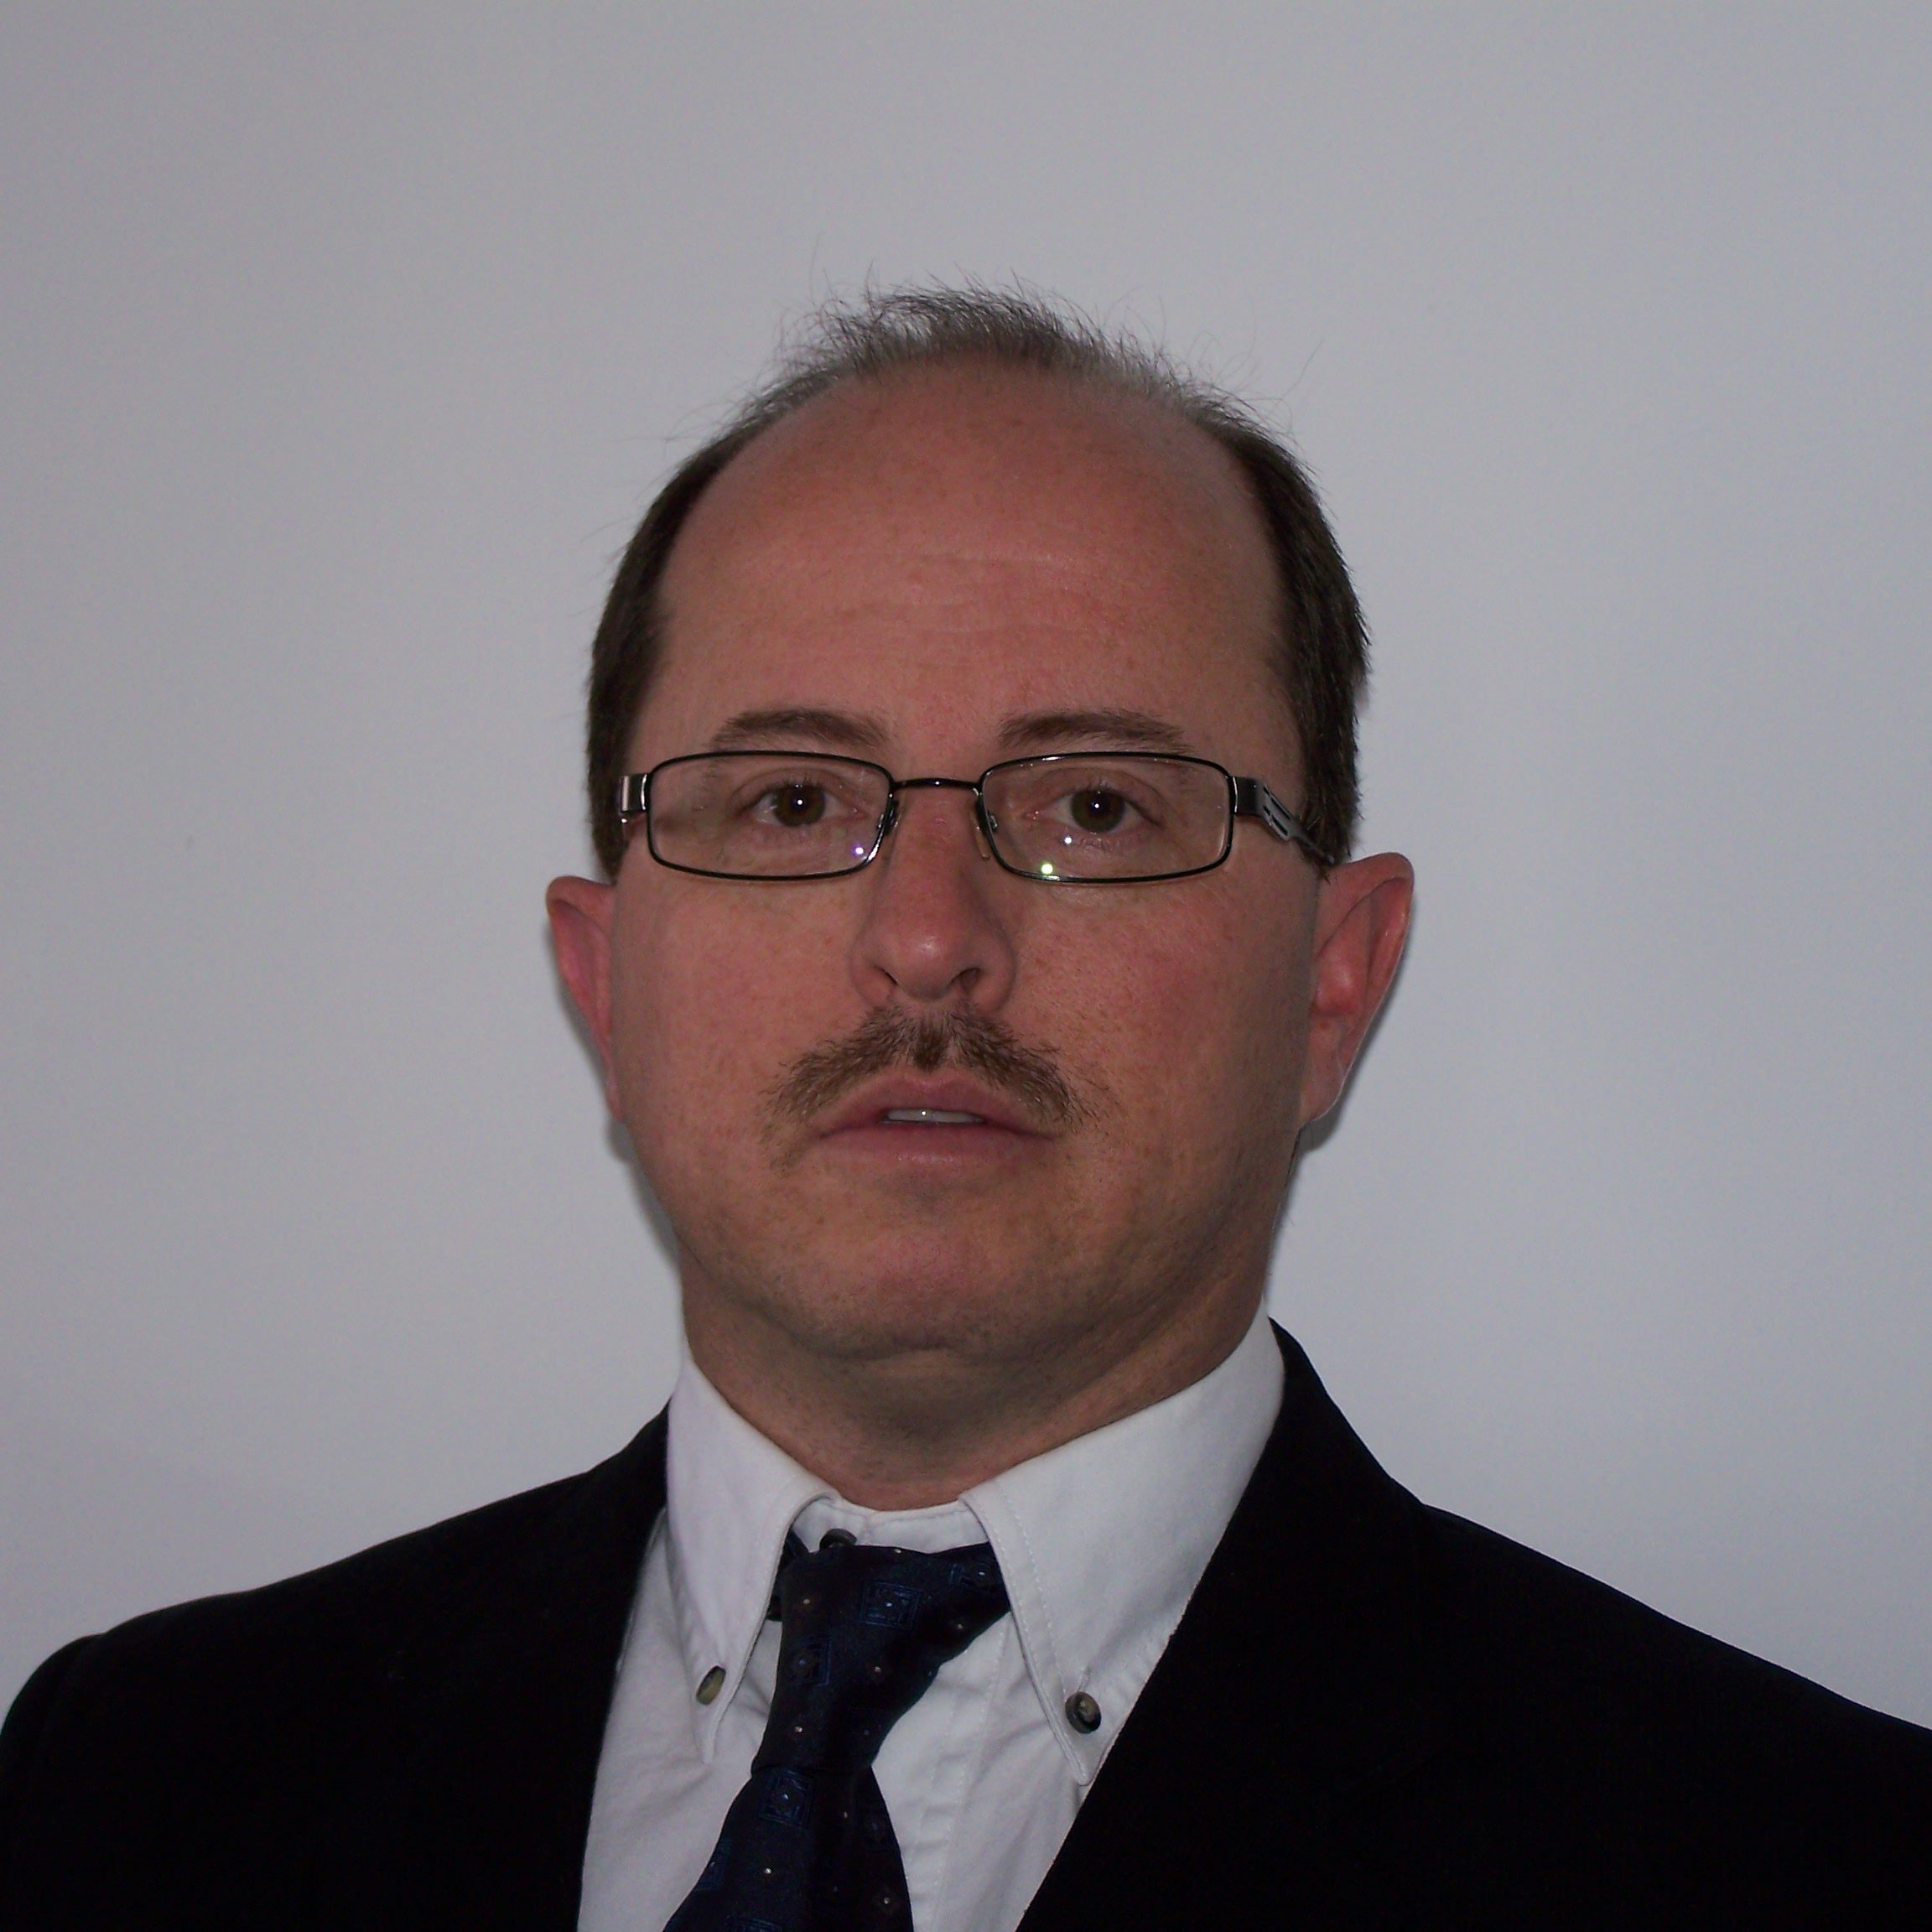 Robert Lessard